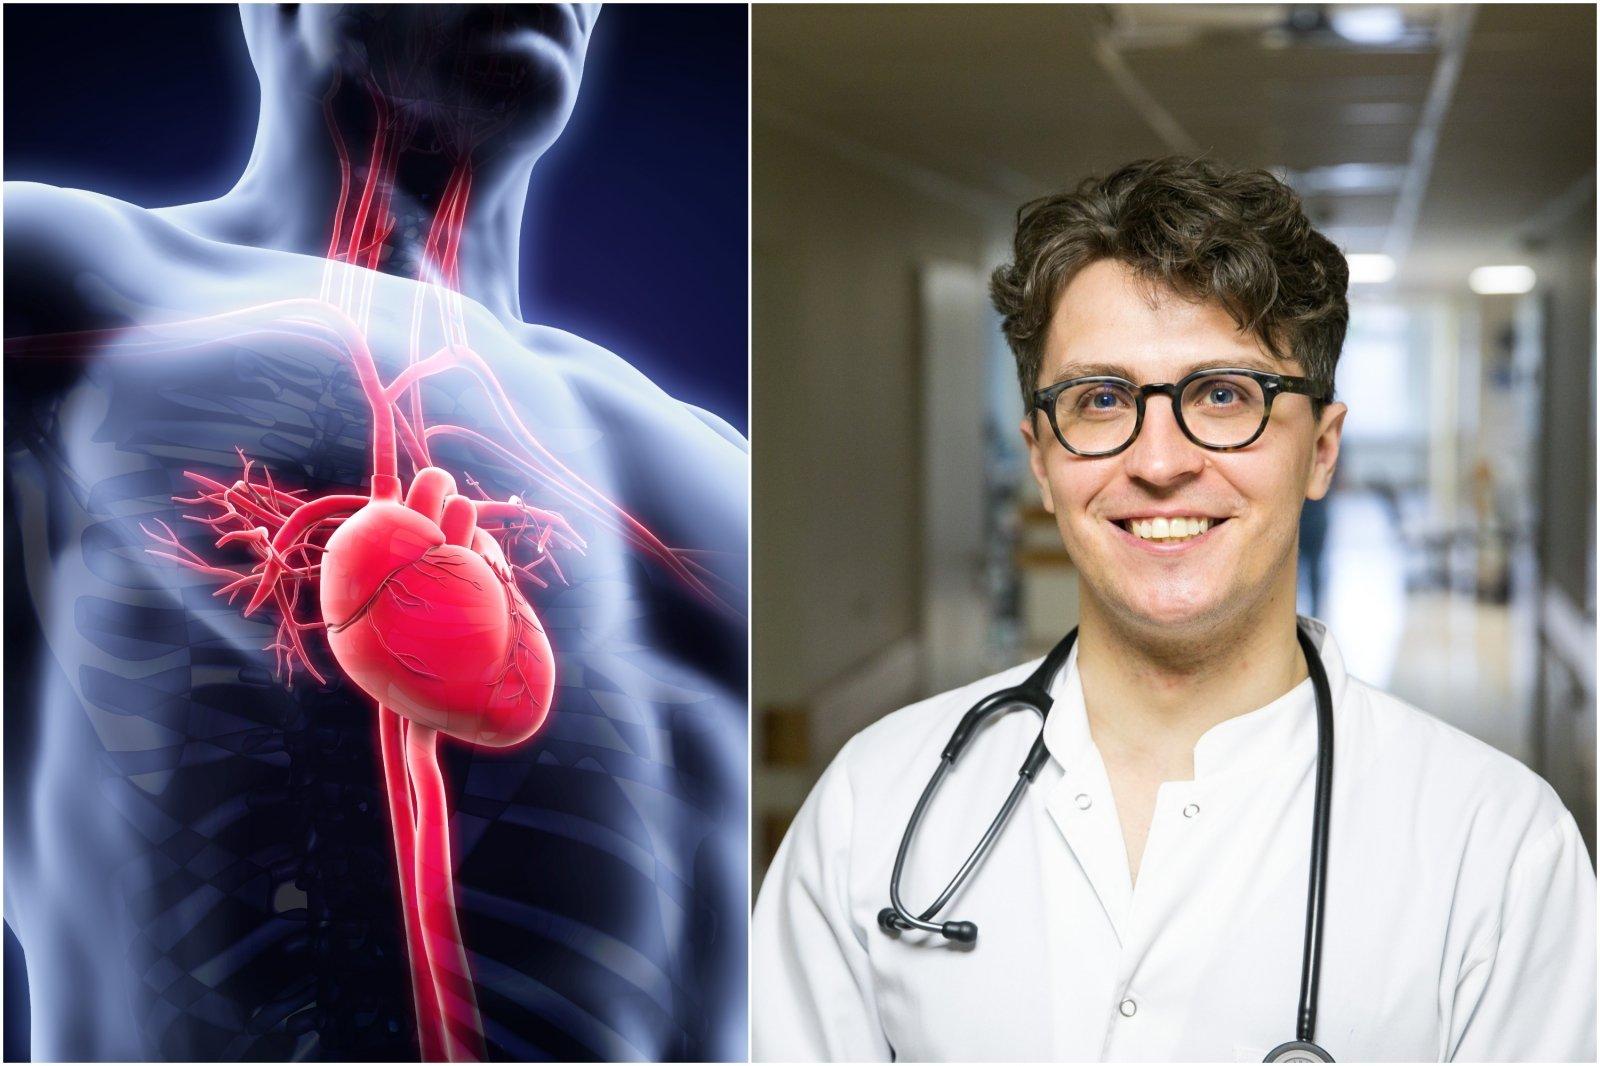 maistiniai riebalai cholesterolis ir širdies sveikata magnezijos dozė sergant hipertenzija